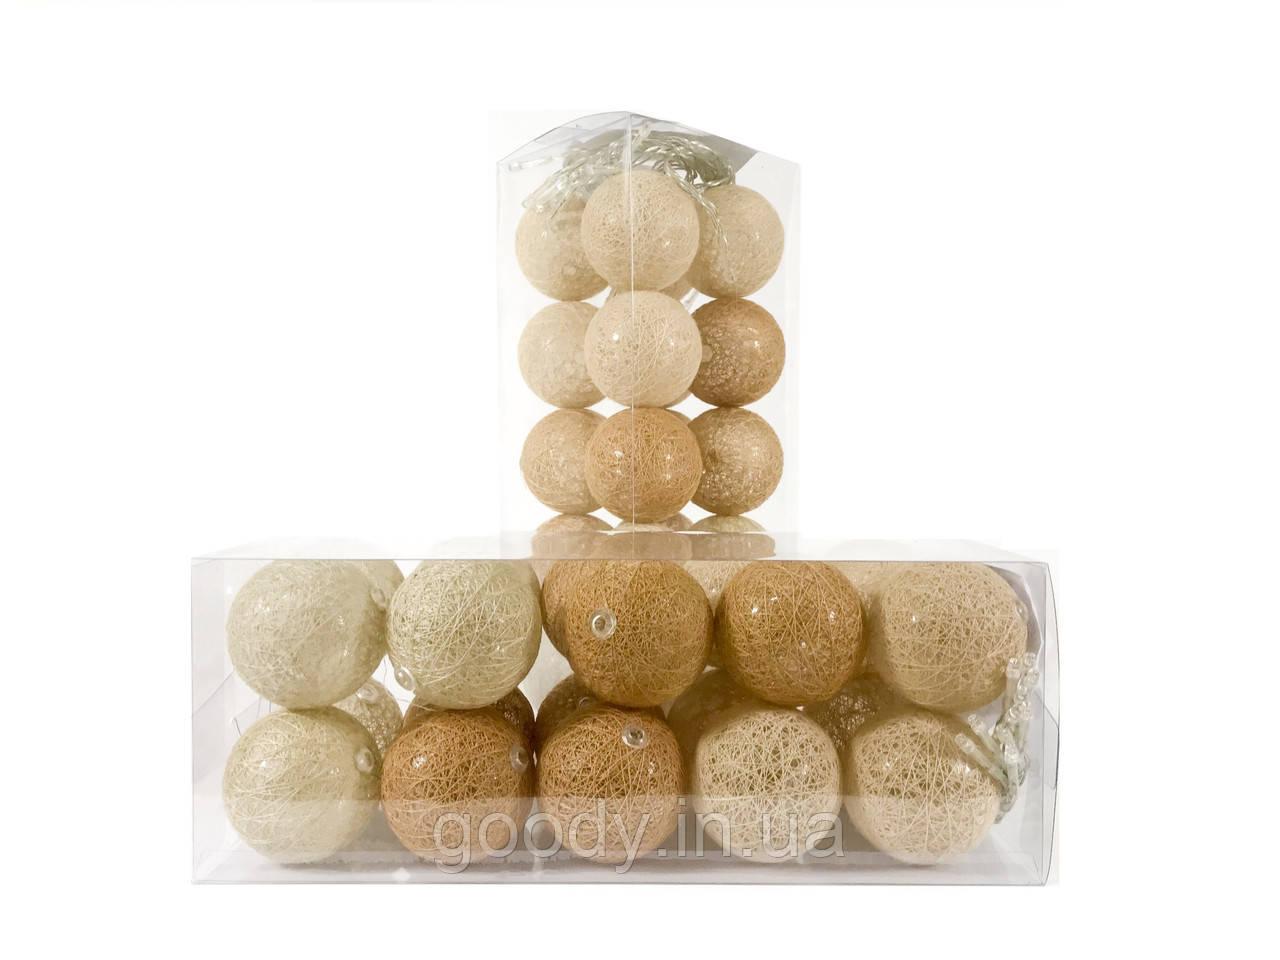 Гірлянда Тайські Кульки LTL Autunno Cotton Balls 20led, діам 6см, довжина 330см на батарейках АА